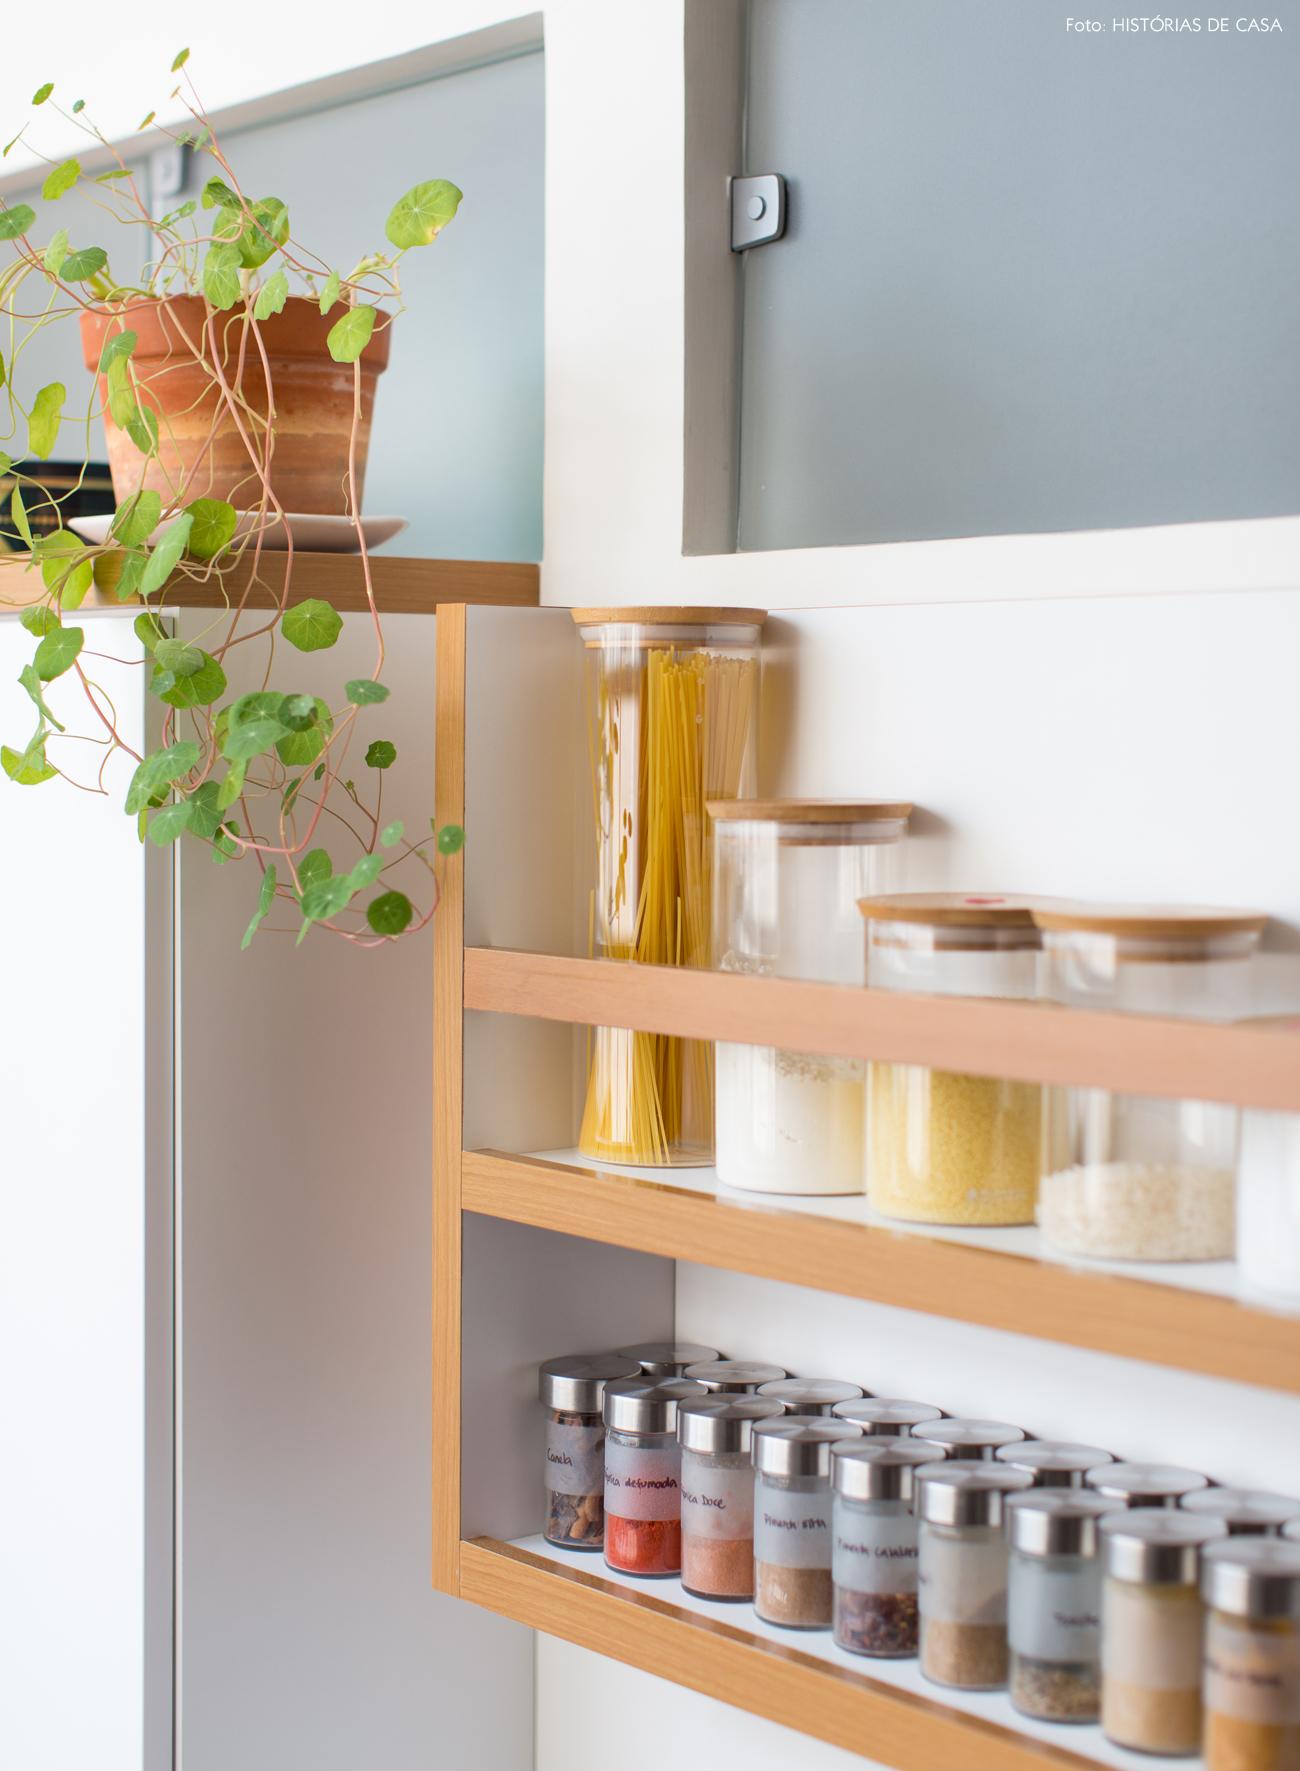 23-decoracao-apartamento-pequeno-cozinha-canaleta-temperos